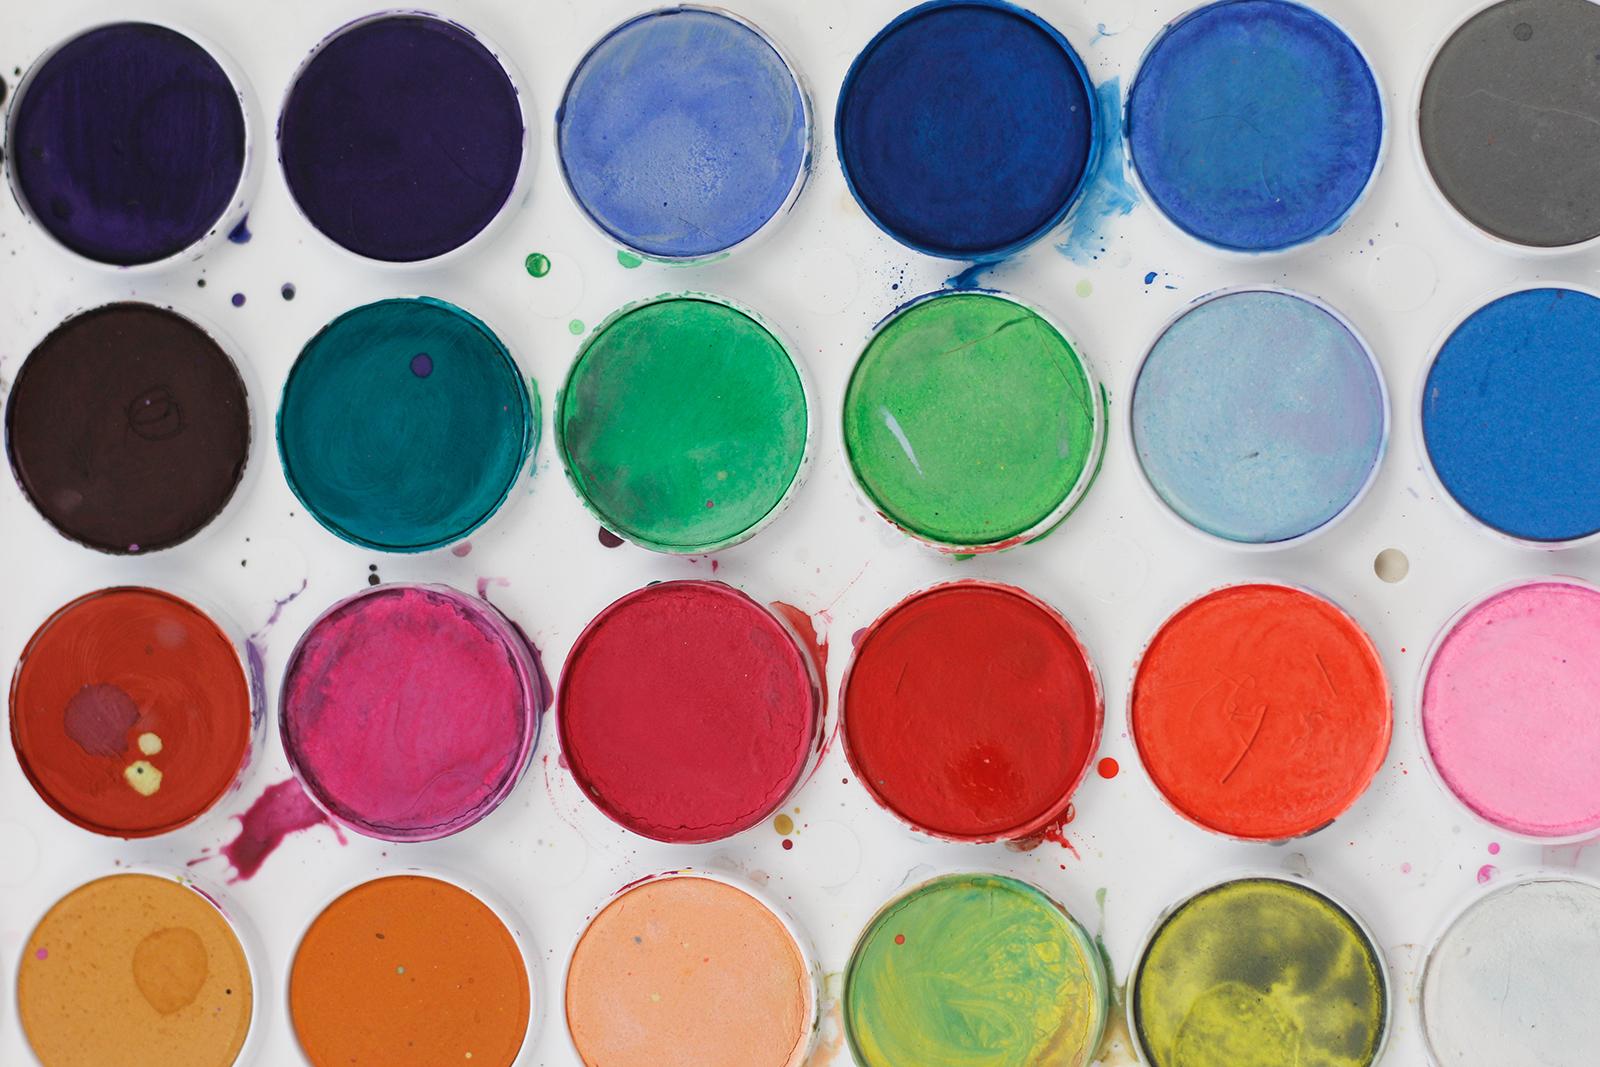 pinturas y productos auxiliares